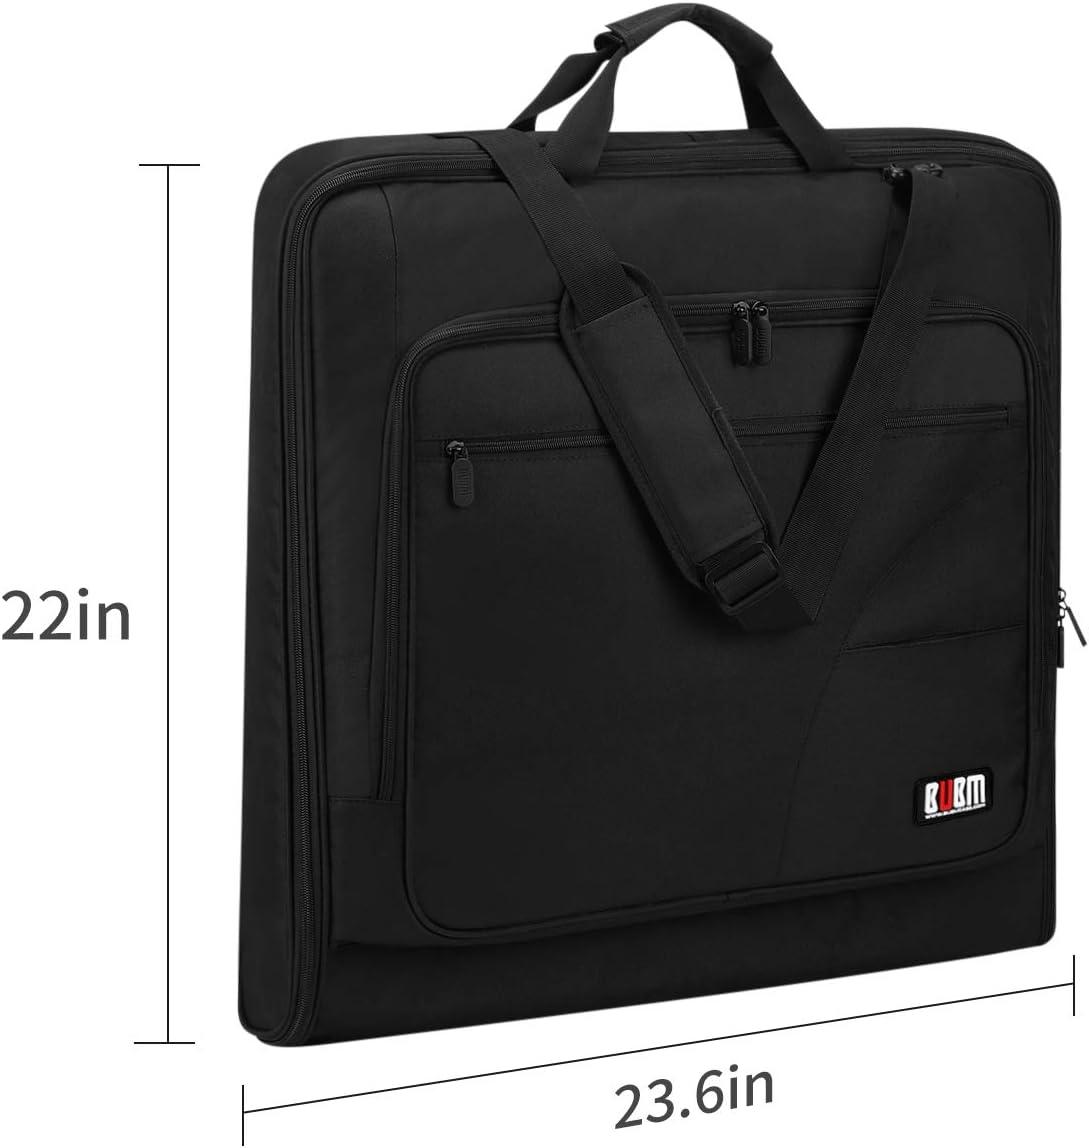 Amazon.com: BUBM - Bolsa de viaje grande para traje, abrigo ...